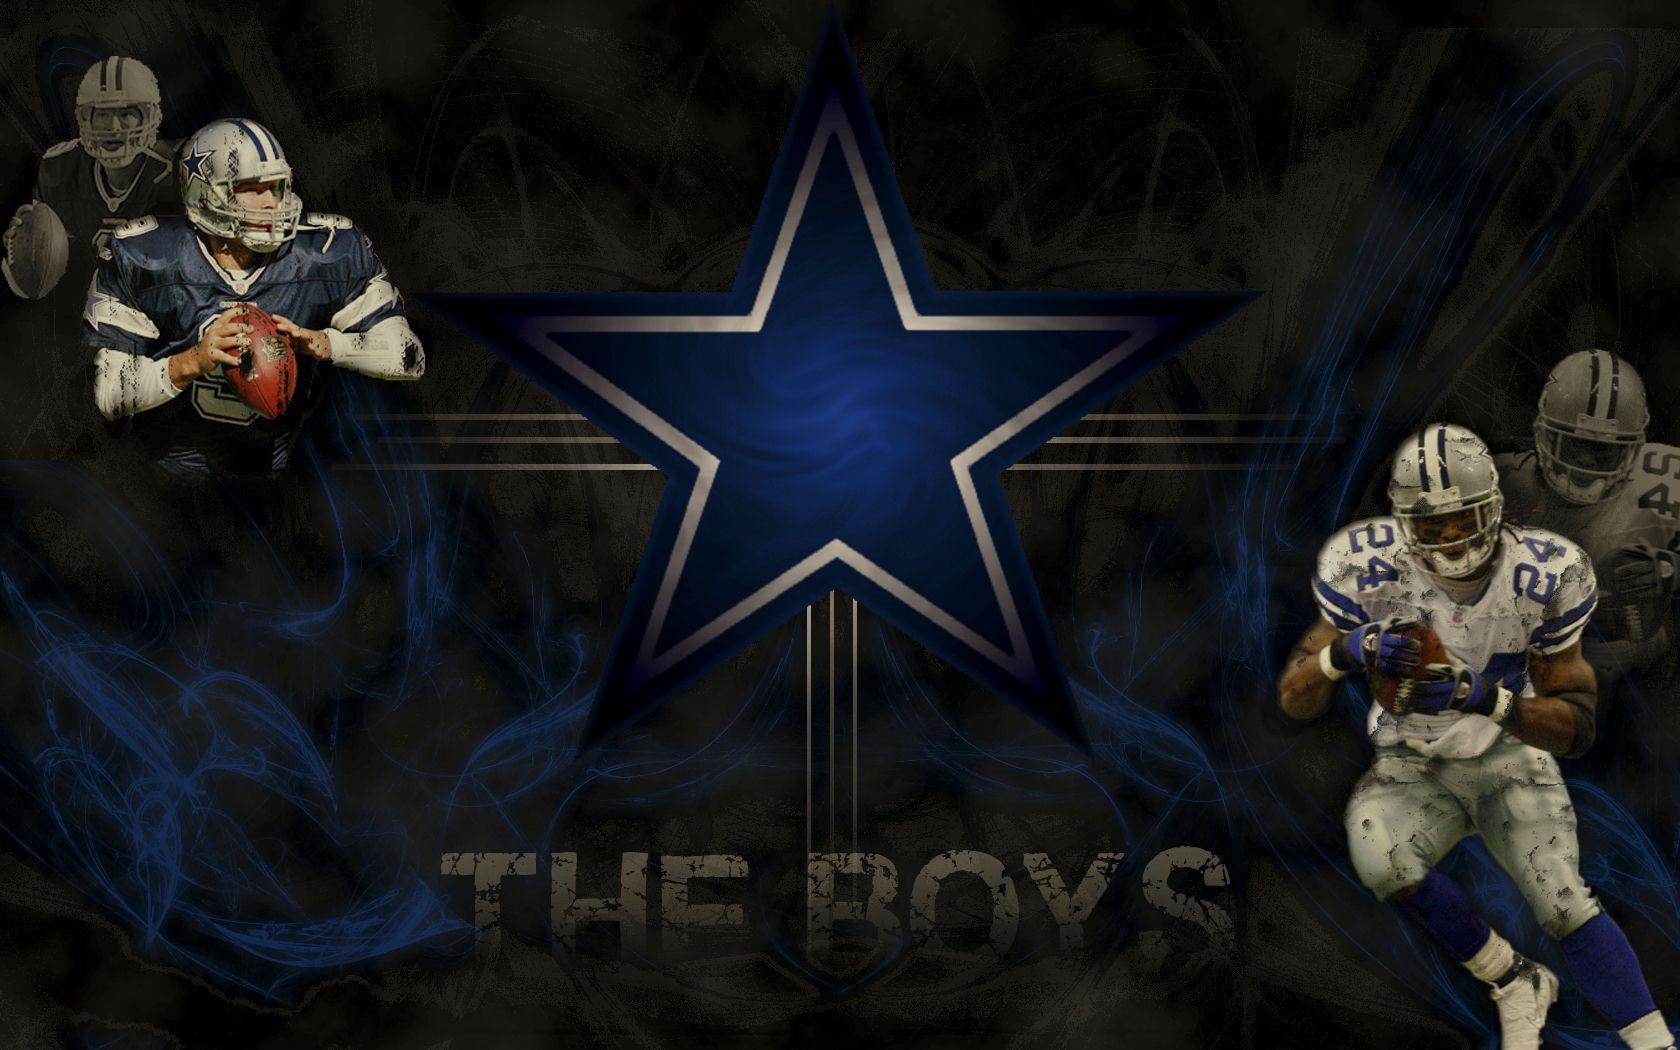 Cowboys Homescreen Free Wallpaper Download 1680 1050 Dallas Cowboys Live Wallpapers 30 Wal Dallas Cowboys Wallpaper Dallas Cowboys Logo Dallas Cowboys Images